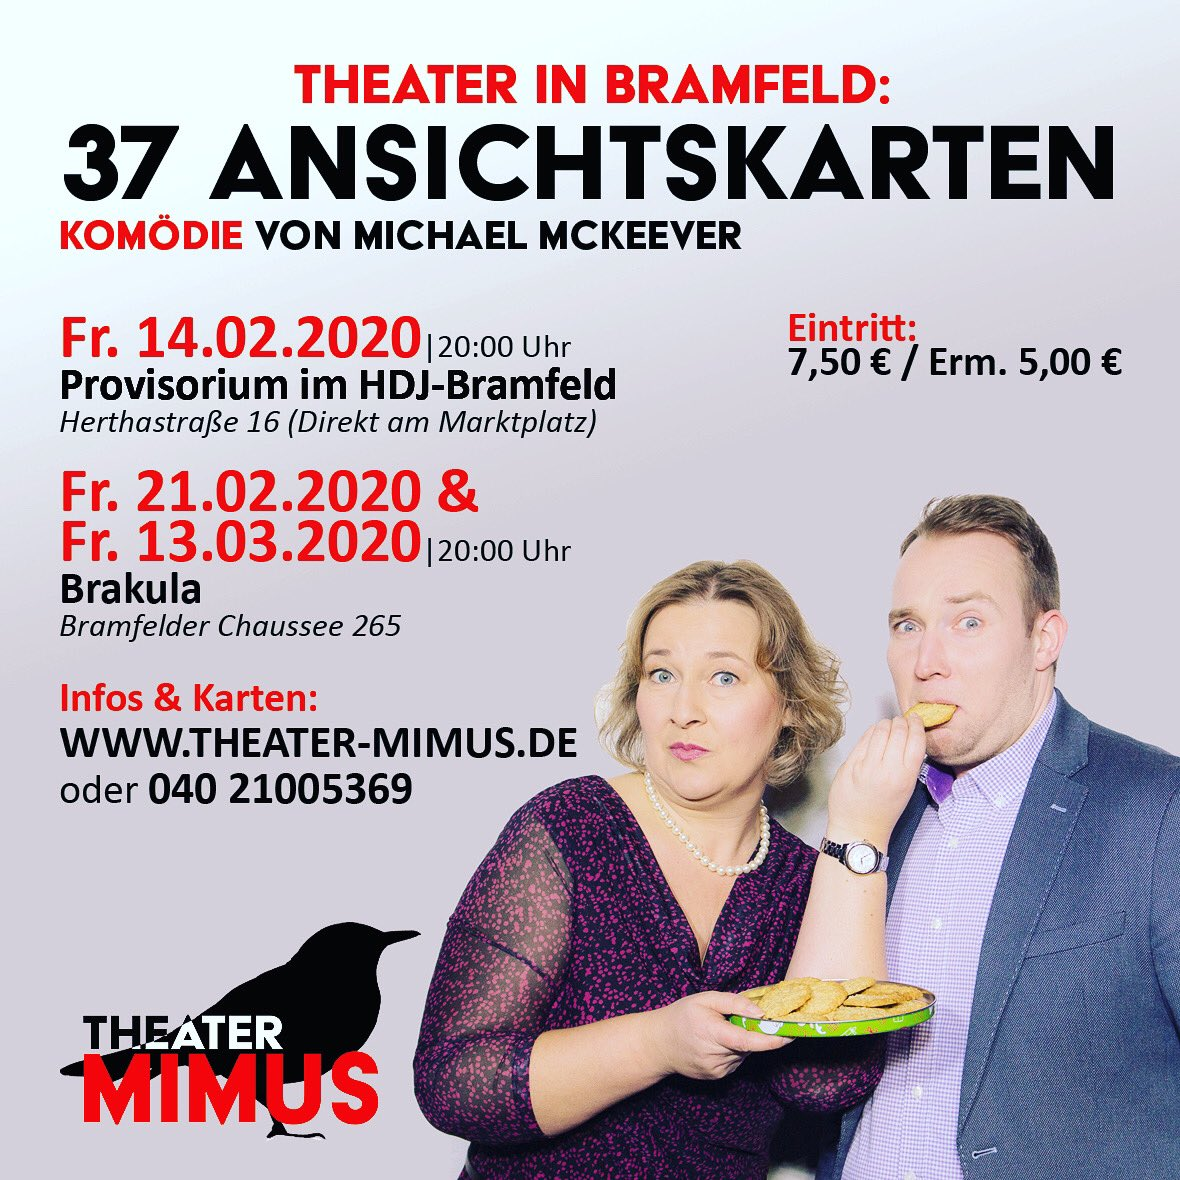 FREITAG IST #PREMIERE! Im Bramfelder Wochenblatt könnt ihr heute diese Anzeige bewundern. Und pünktlich zum Start ins Wochenende dann unser großartiges Ensemble auf der Bühne. Infos & #Karten: http://theater-mimus.de | #37ansichtskarten #komödie #theater #hamburg #bramfeldpic.twitter.com/qHhL0nbwGF